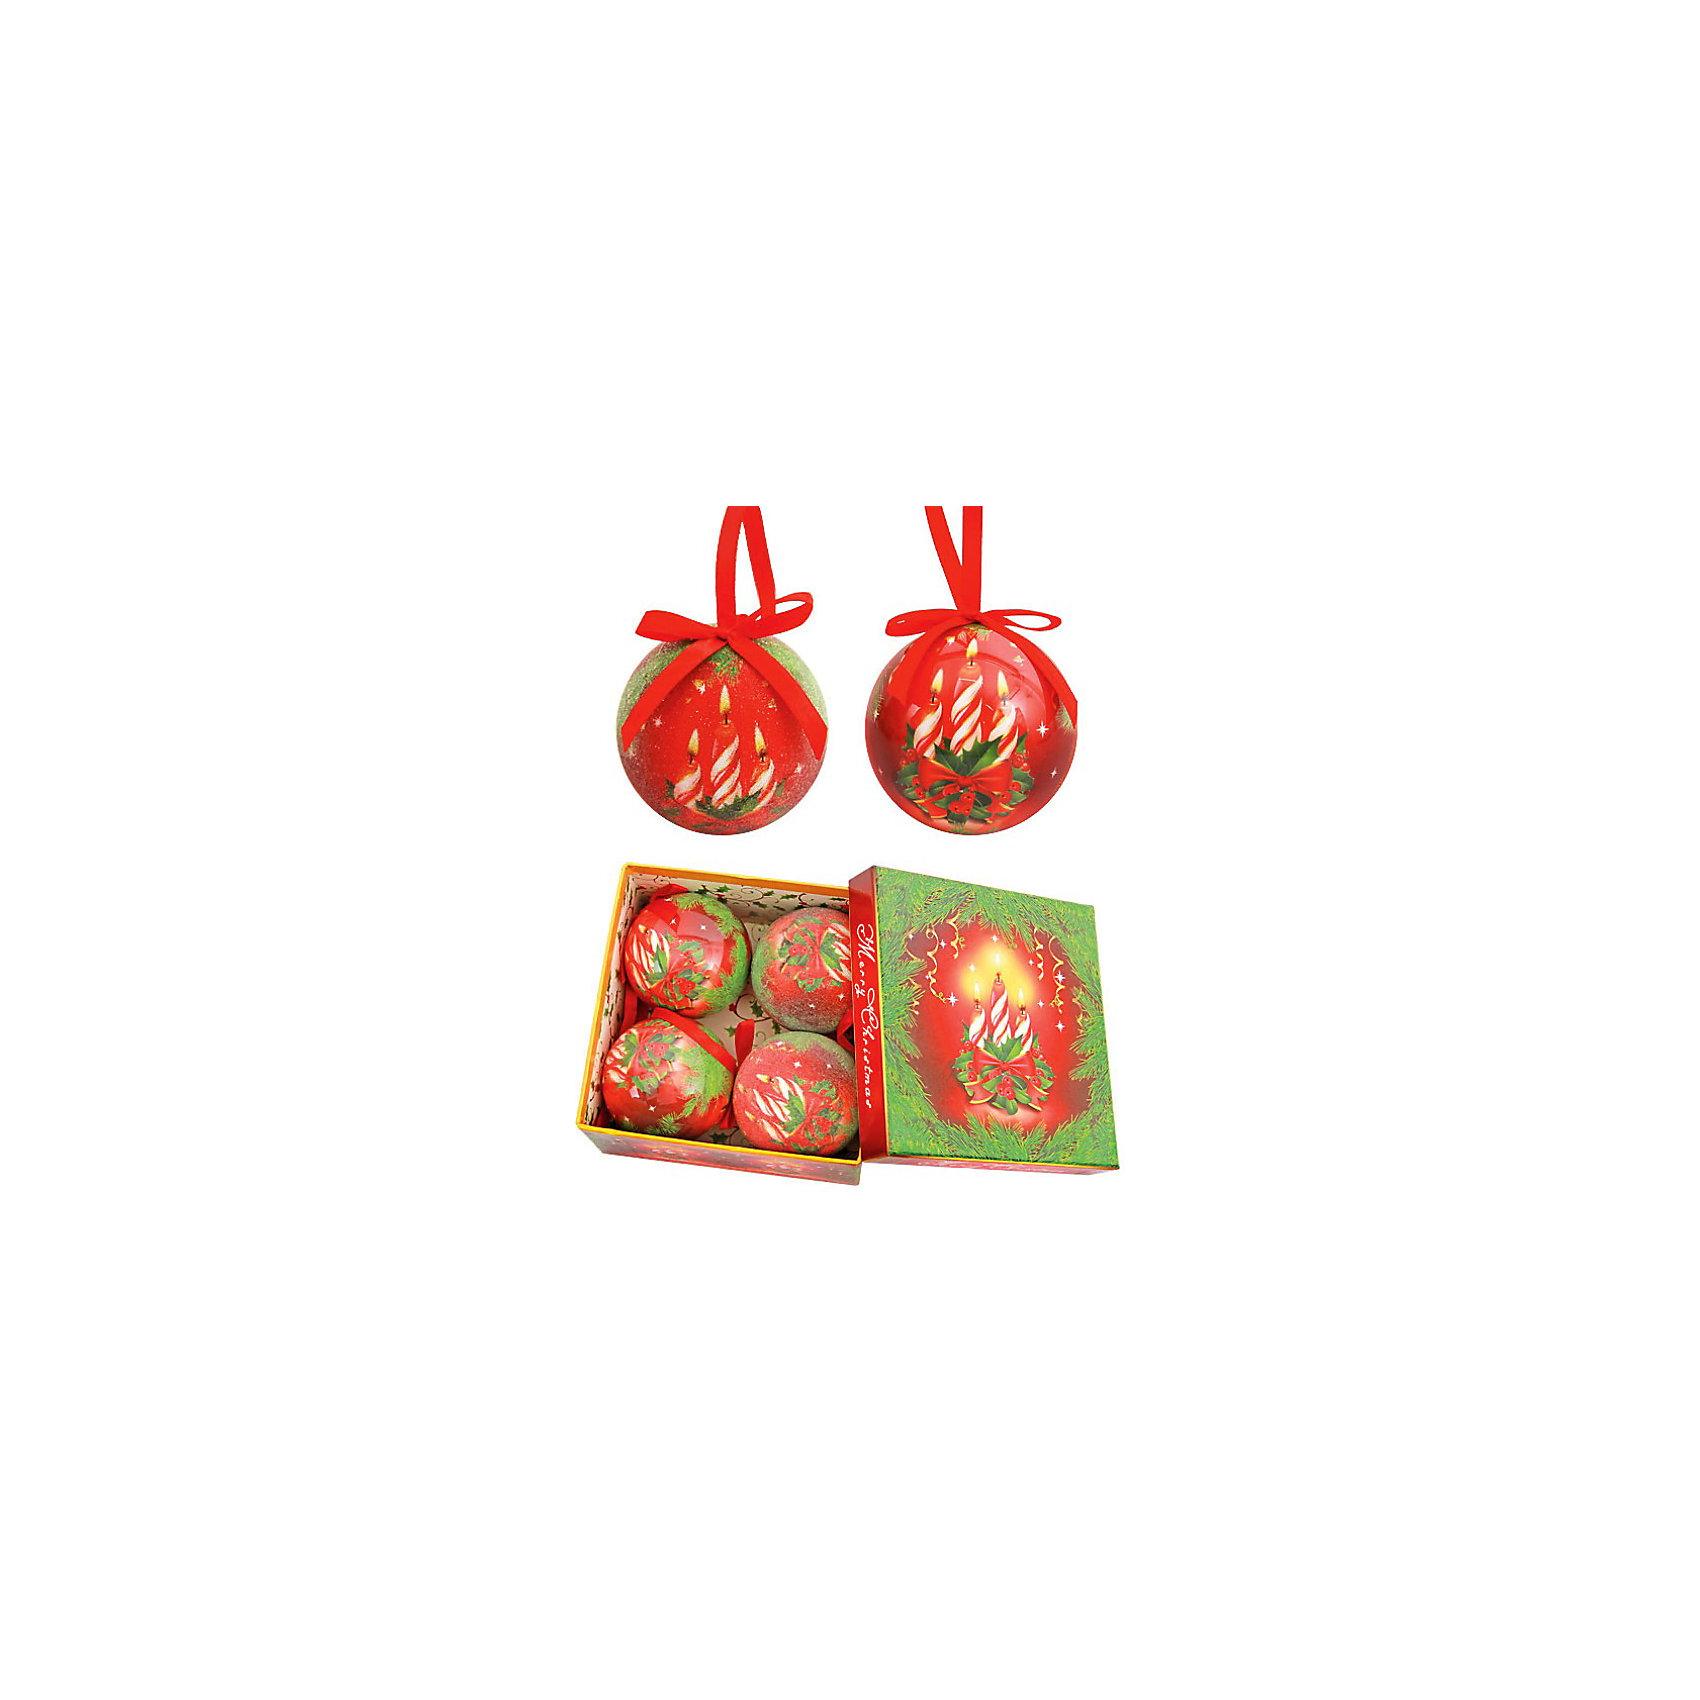 Набор елочных шаров Праздничные свечи, 4 шт, d=75 мм, в подарочной коробкеВсё для праздника<br>Набор елочных шаров Праздничные свечи, 4 шт, d=75 мм, в подарочной коробке станет прекрасным новогодним украшением для всей семьи! <br>Ваш малыш с удовольствием примет участие в украшении дома и проникнется атмосферой волшебства!<br><br>Дополнительная информация:<br><br>Яркие , красочные новогодние шары в подарочной упаковке. Шары изготовлены по технологии Папье-маше.  Не бьющиеся и очень легкие. В наборе 2 глянцевых и 2 обсыпных шара.<br><br>Поможет всей семье поверить в новогоднее чудо!<br>Легко приобрести в нашем интернет-магазине!<br><br>Ширина мм: 750<br>Глубина мм: 200<br>Высота мм: 100<br>Вес г: 266<br>Возраст от месяцев: 36<br>Возраст до месяцев: 144<br>Пол: Унисекс<br>Возраст: Детский<br>SKU: 3368290